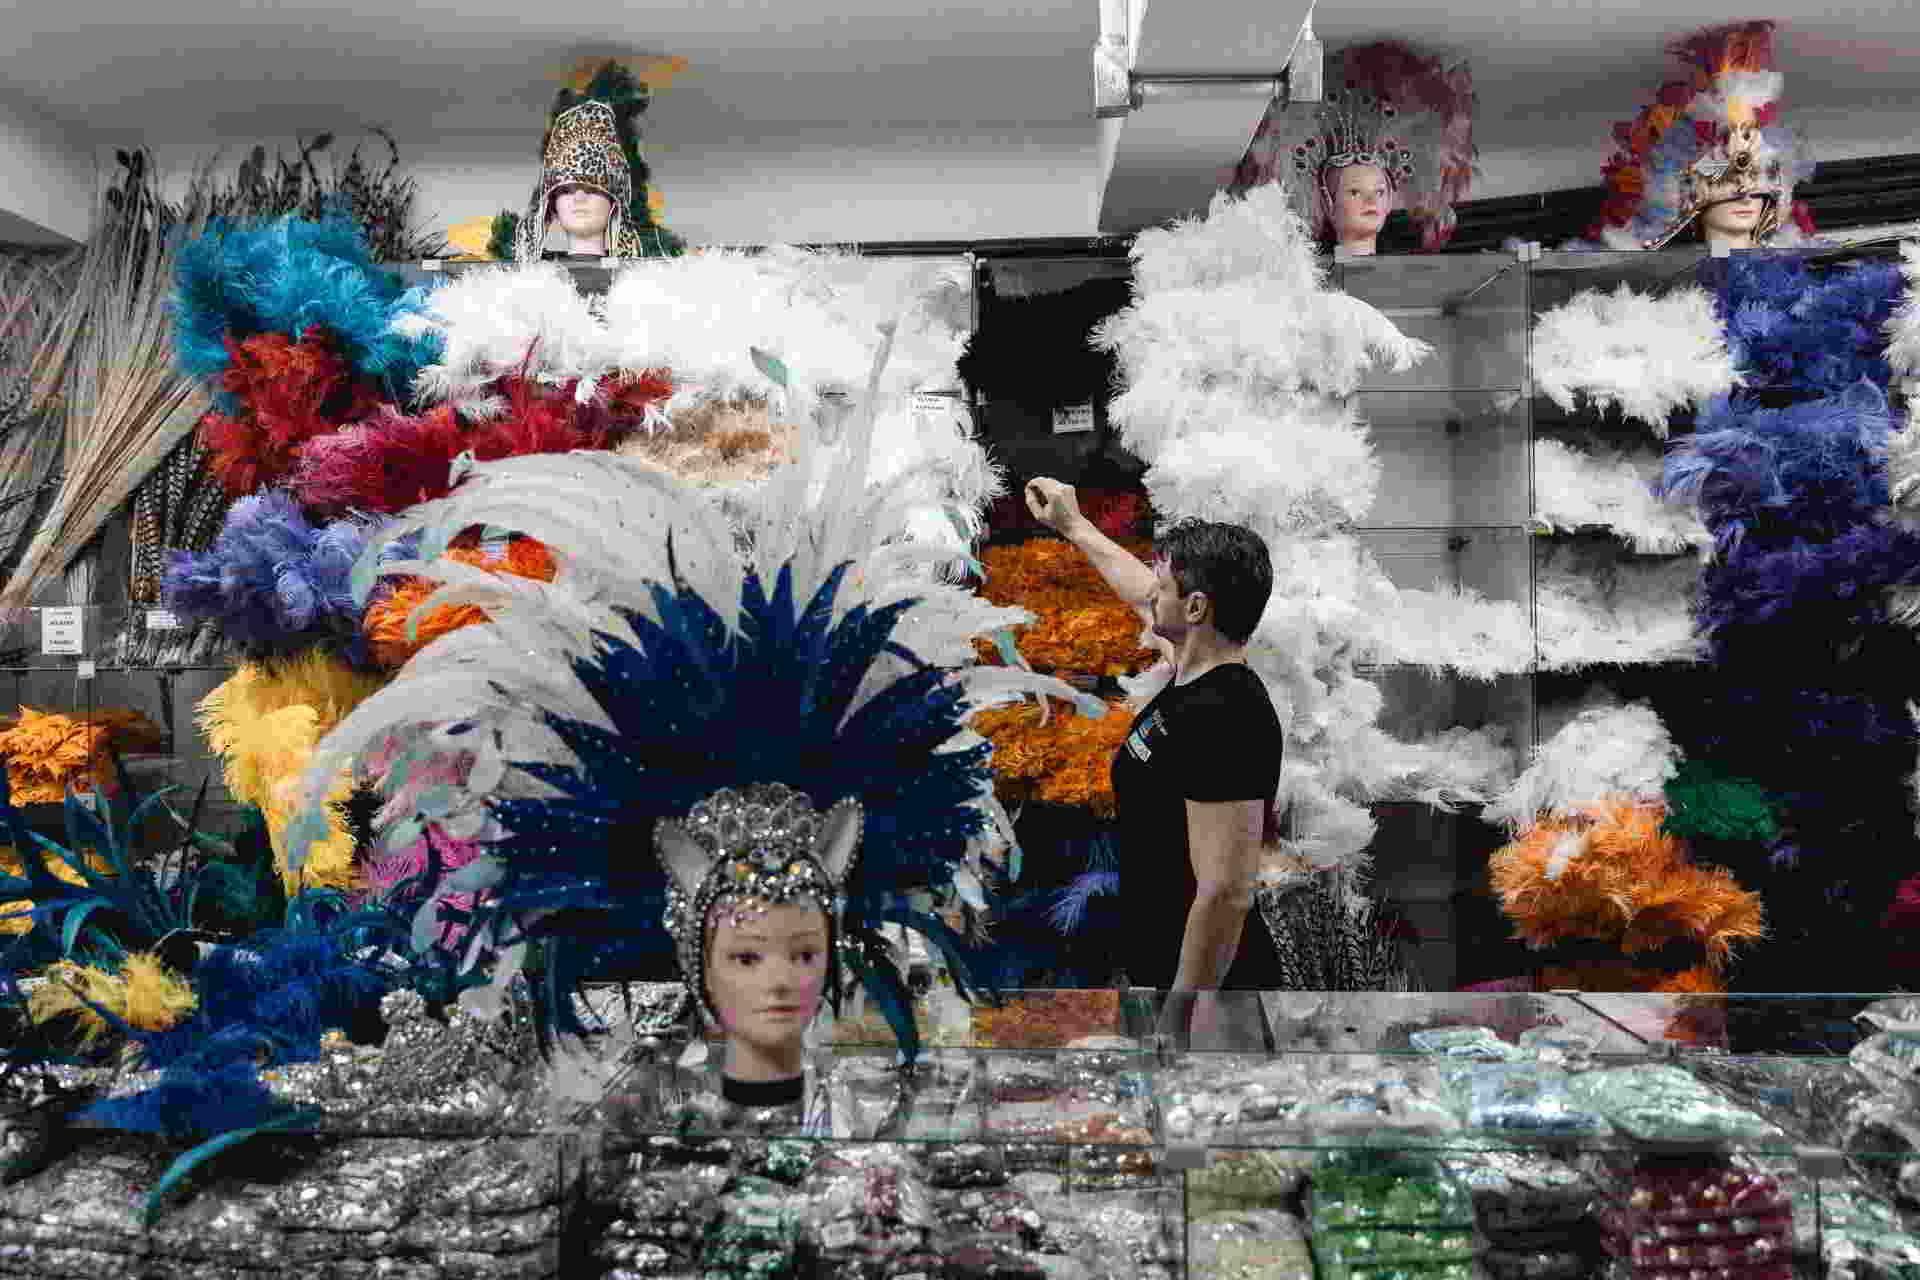 nsaio de Carnaval do G1 mostra um dia na vida de destaques das escolas de SP. Aqui vamos saber como é a rotina de Daniel Manzioni, rei de bateria da Acadêmicos do Tatuapé (Foto: Marcelo Brandt/G1)